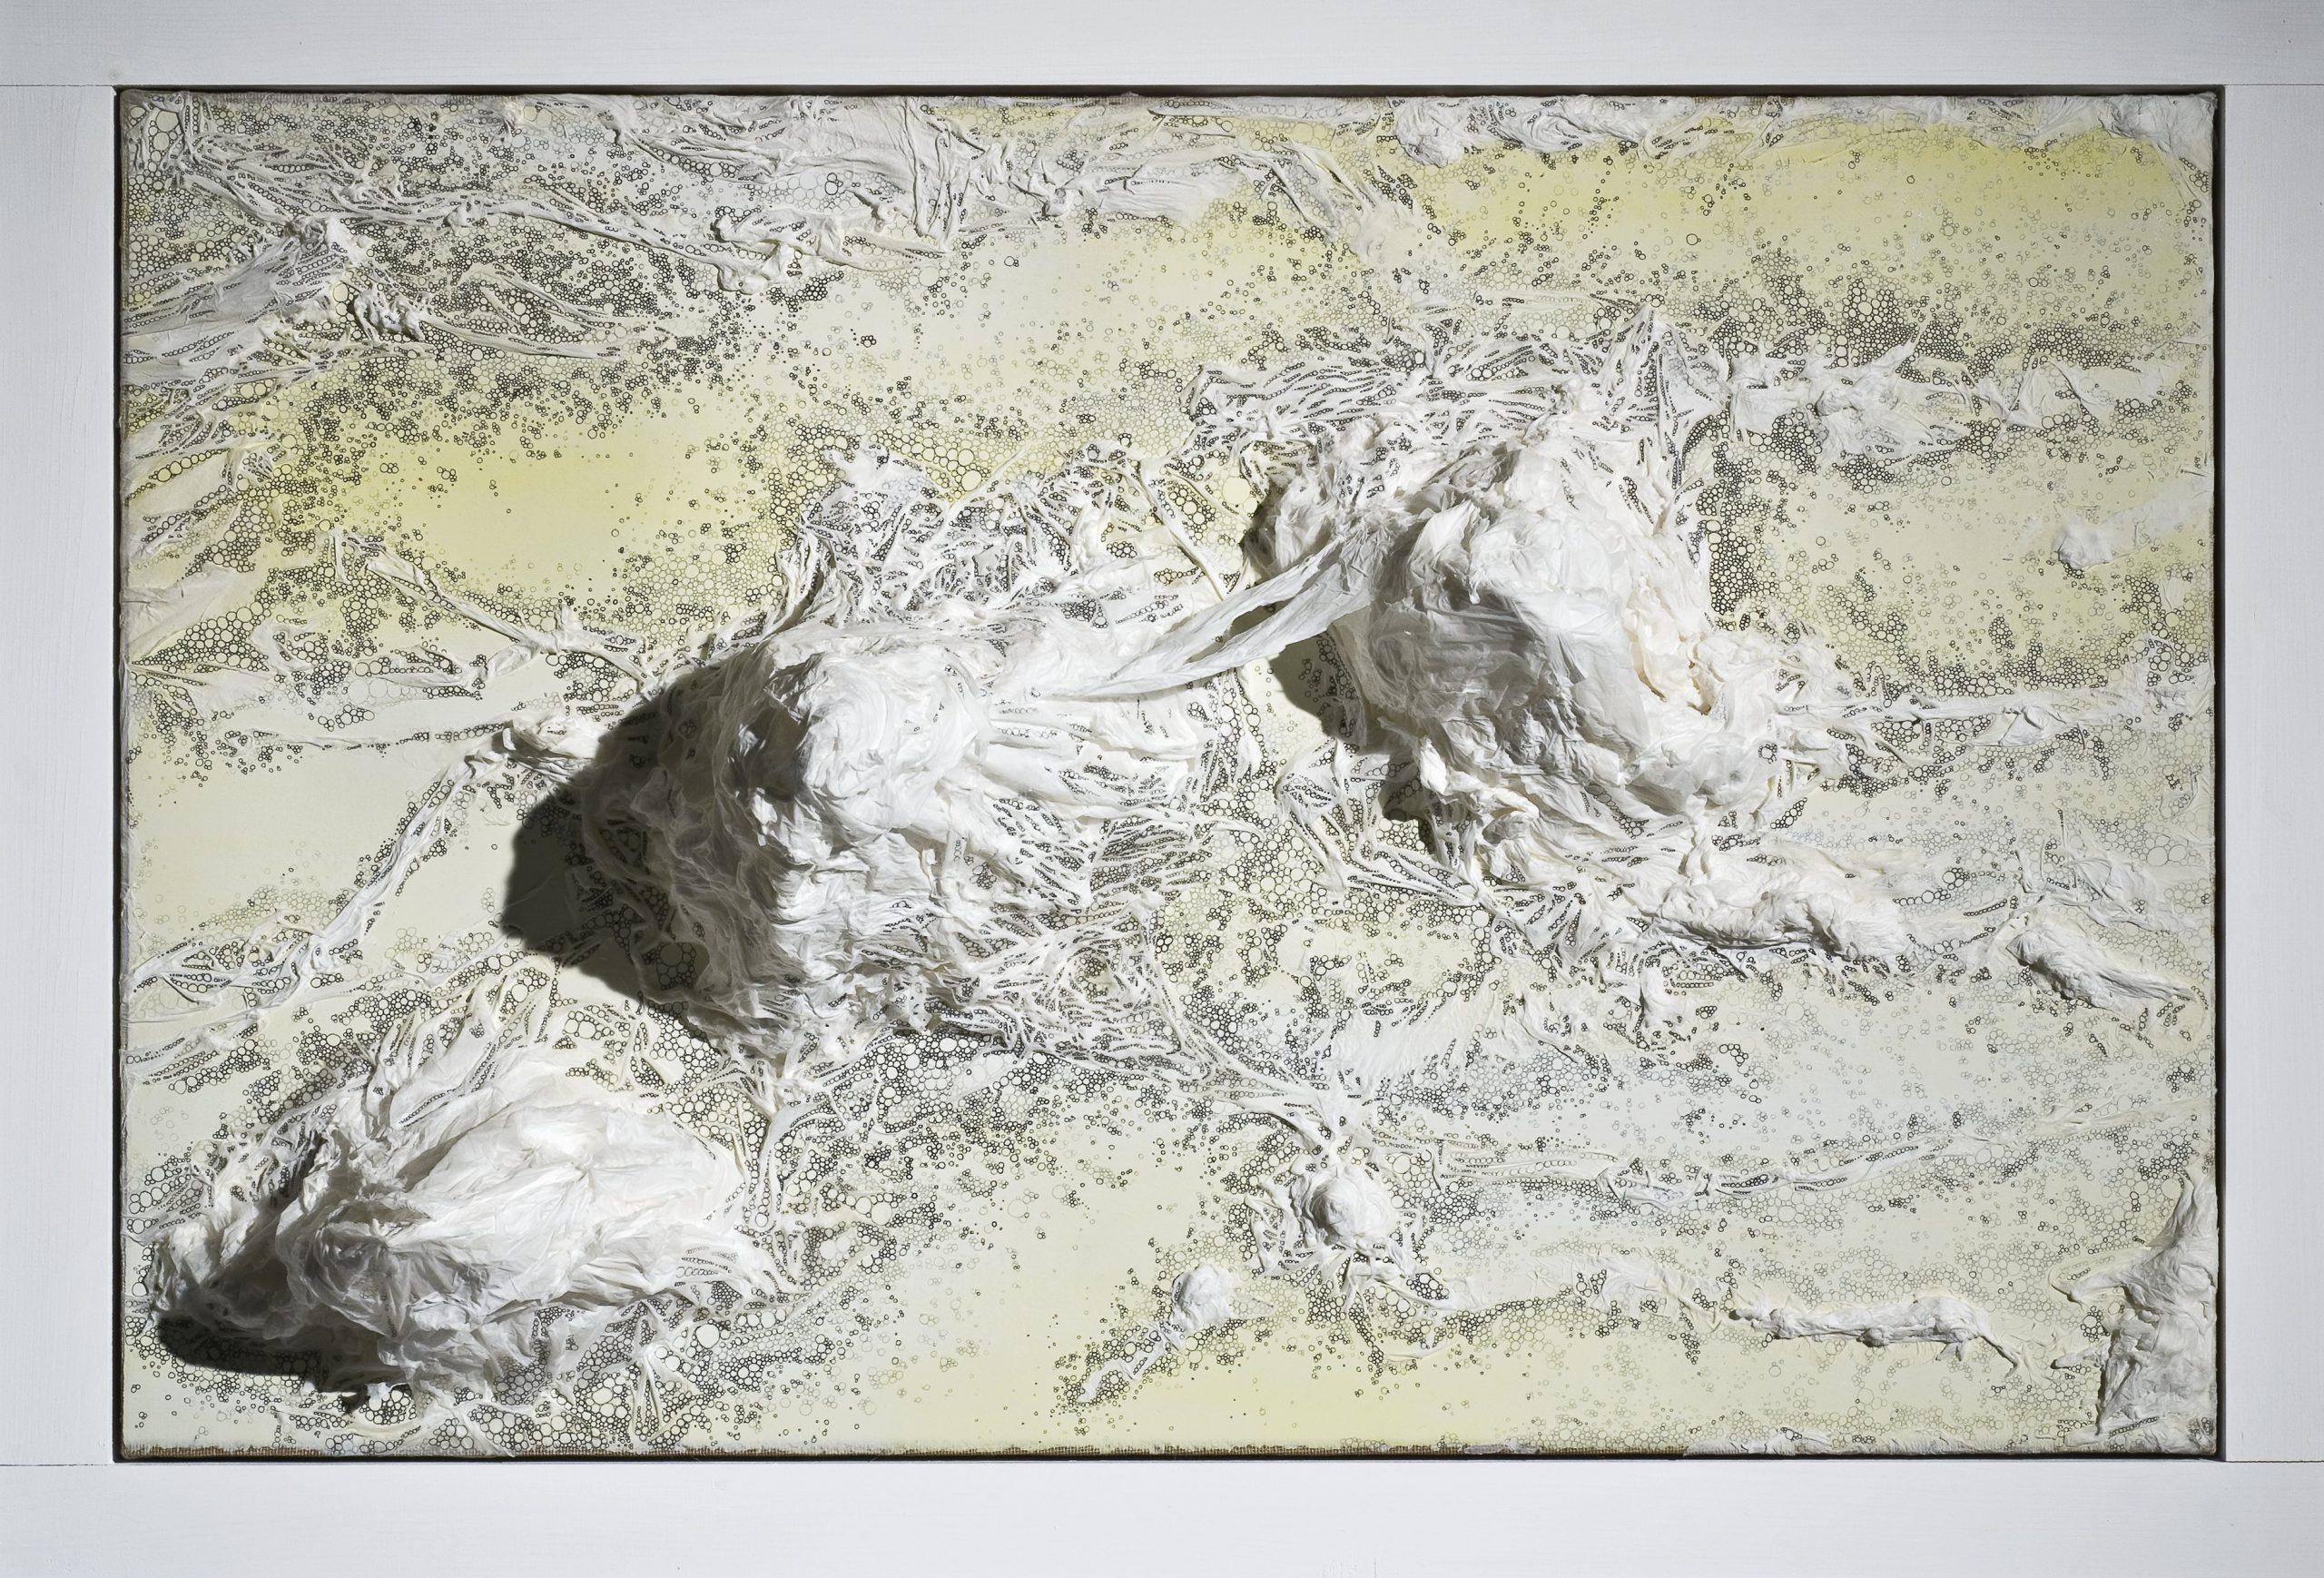 Marya Kazoun's The Mountains